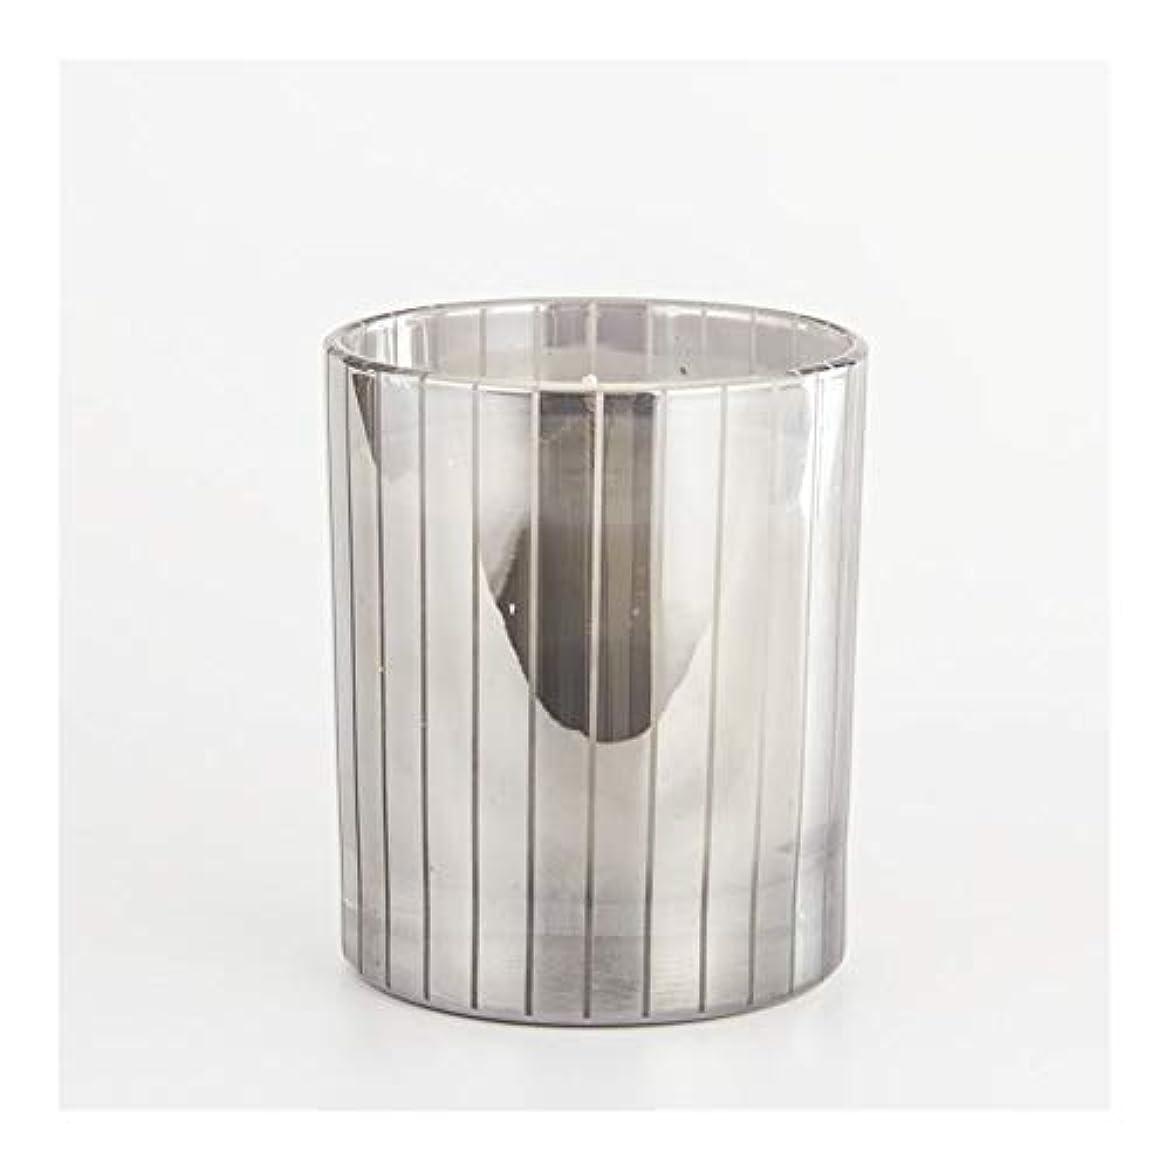 変更共産主義キャラクターACAO シルバーストライプカップキャンドルカップワックスワックスアロマセラピーキャンドルガラスワックスカップ